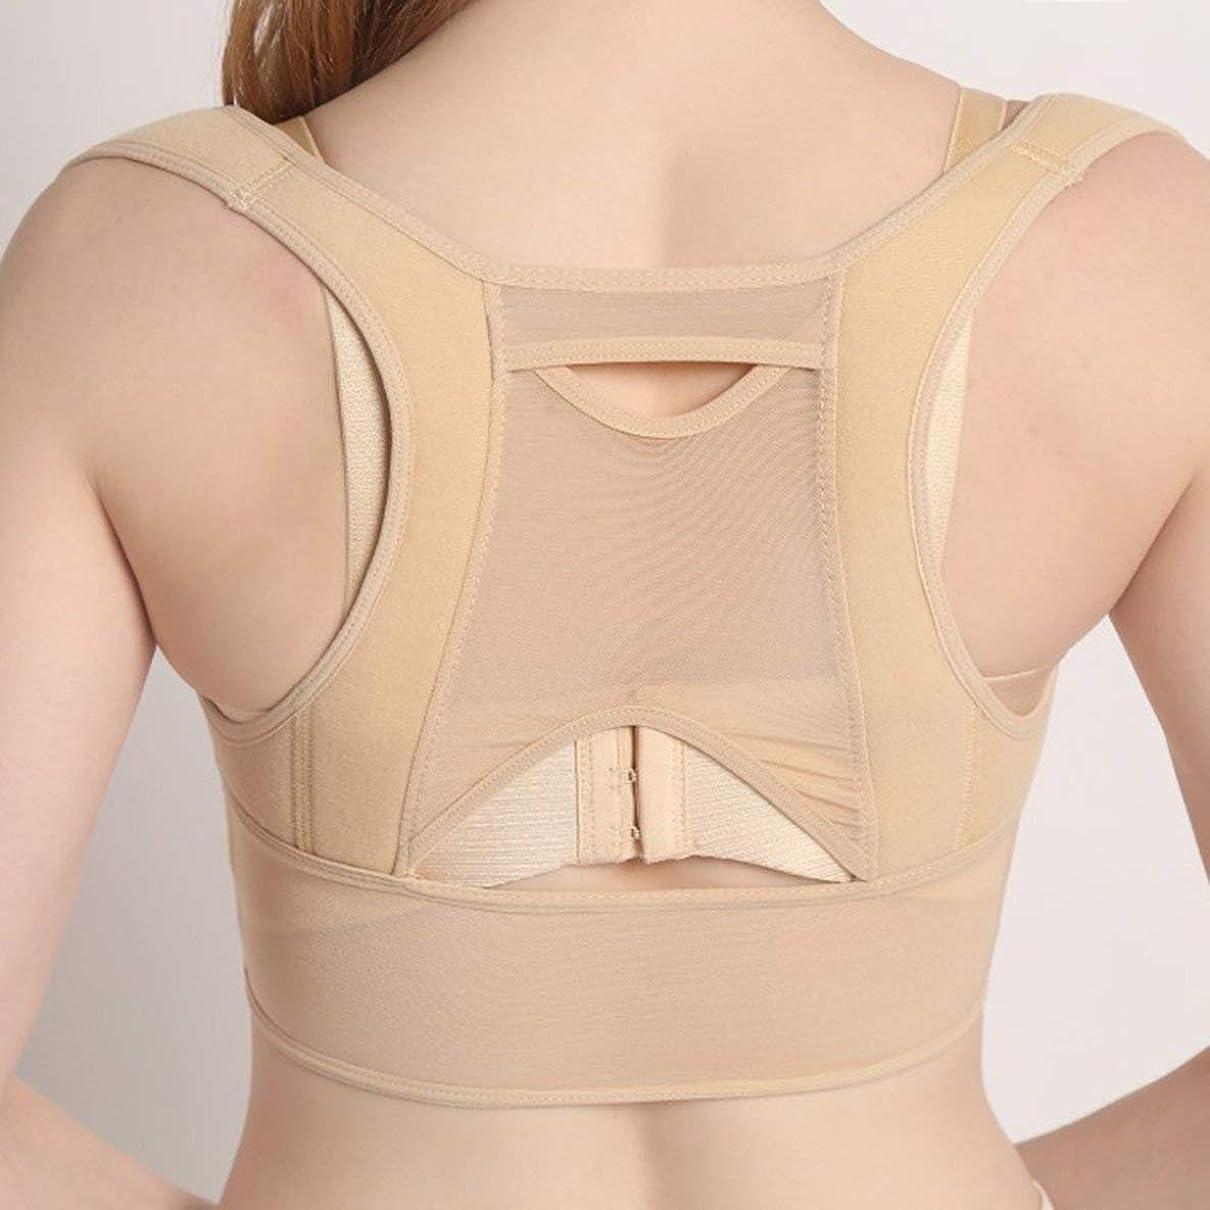 適度にポンド流星通気性のある女性の背中の姿勢矯正コルセット整形外科の肩の背骨の姿勢矯正腰椎サポート - ベージュホワイトM